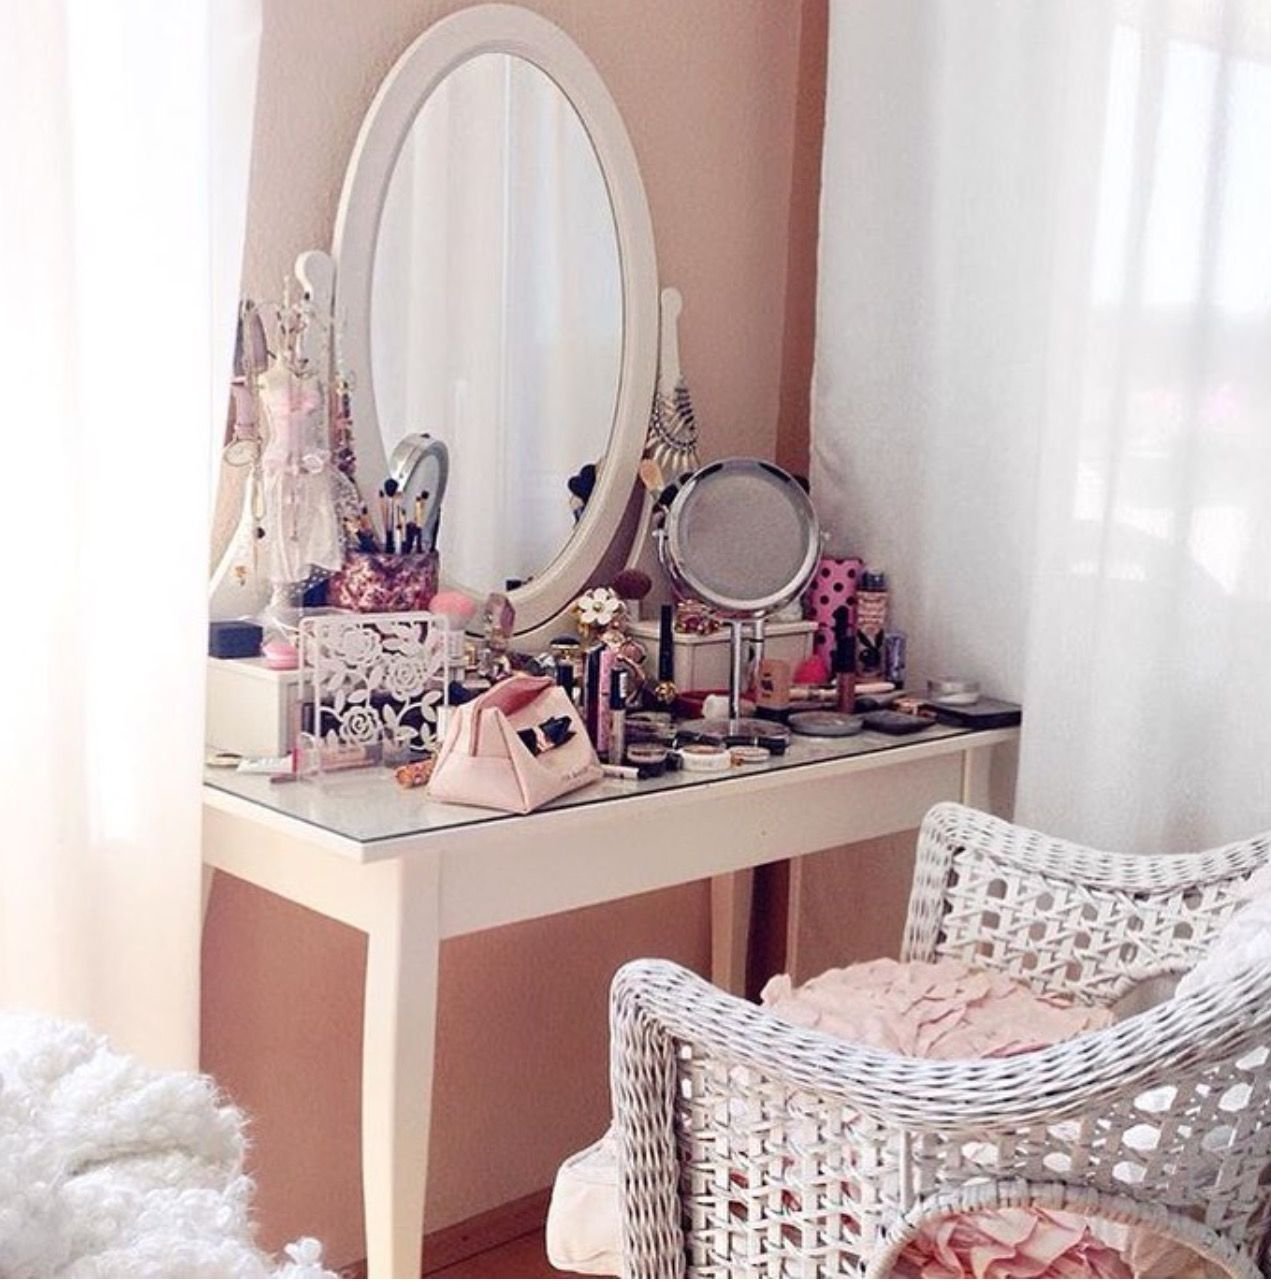 pingl par muslima queen sur d co chambre pinterest rangements maquillage coiffeur et. Black Bedroom Furniture Sets. Home Design Ideas